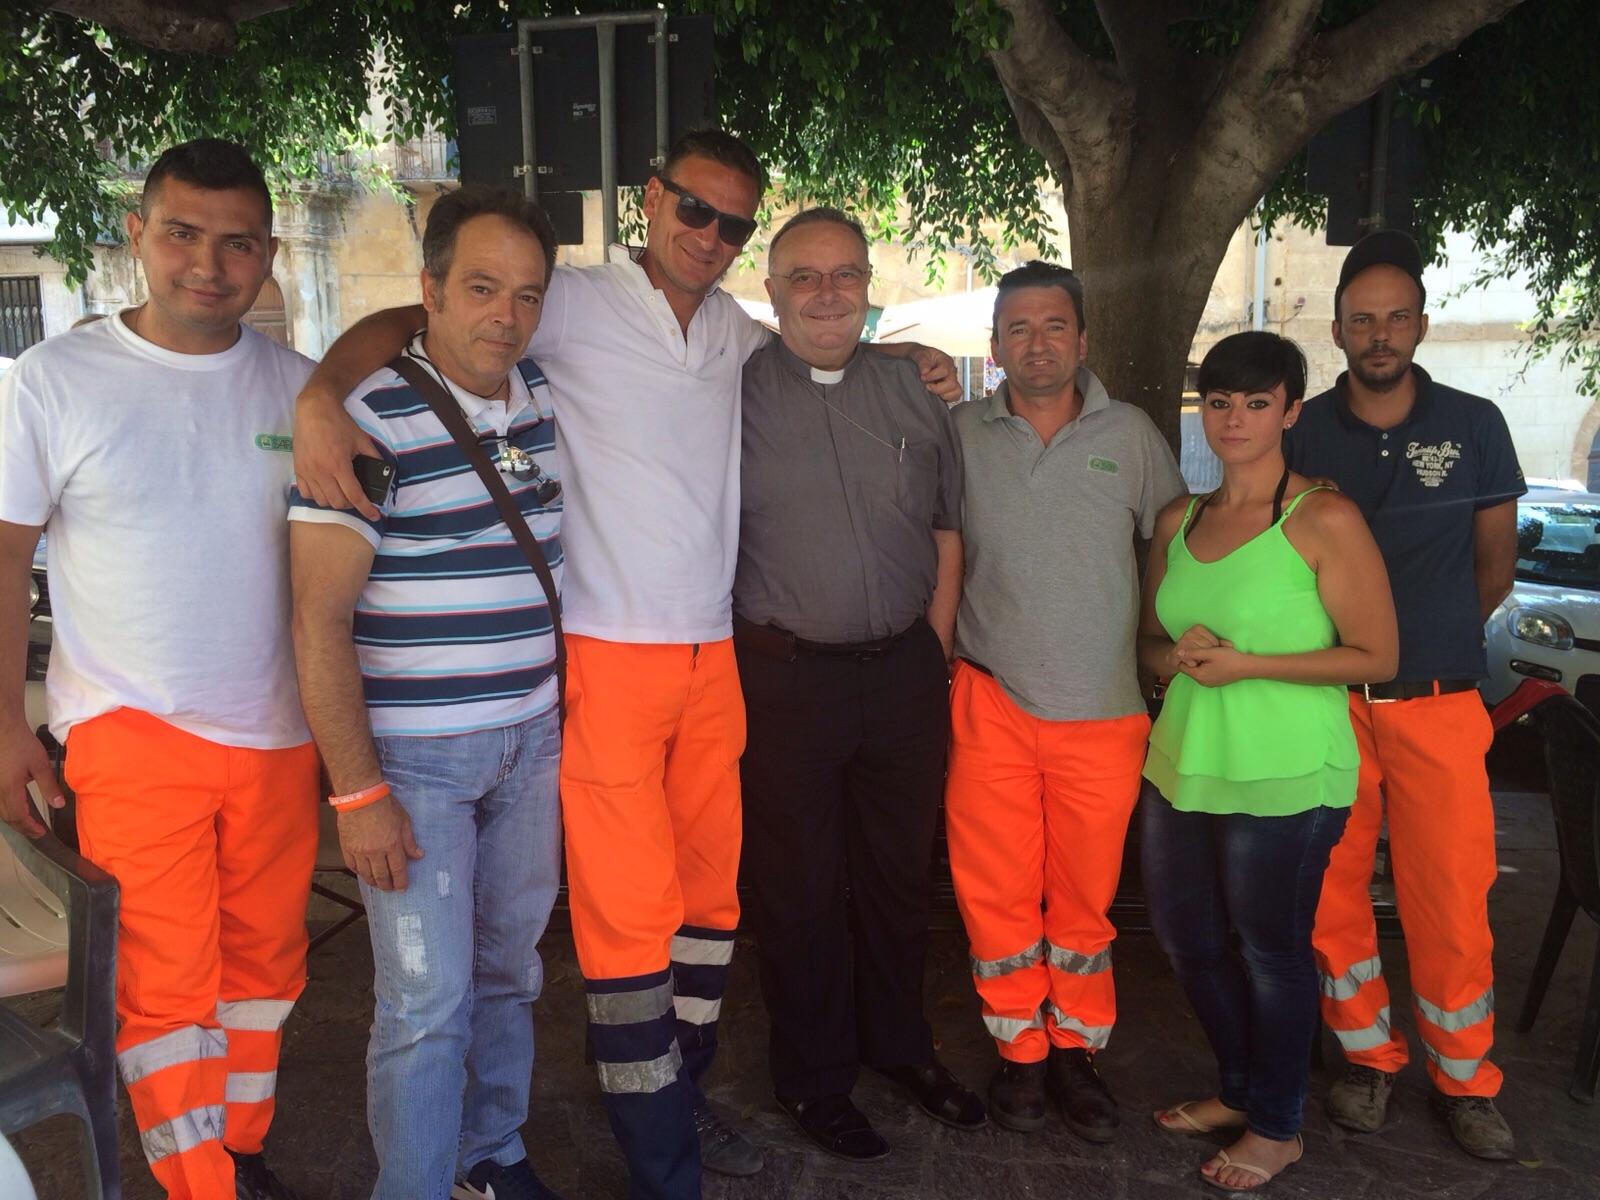 Don Franco Montenegro solidale con i 21 netturbini incatenati al comune di Agrigento